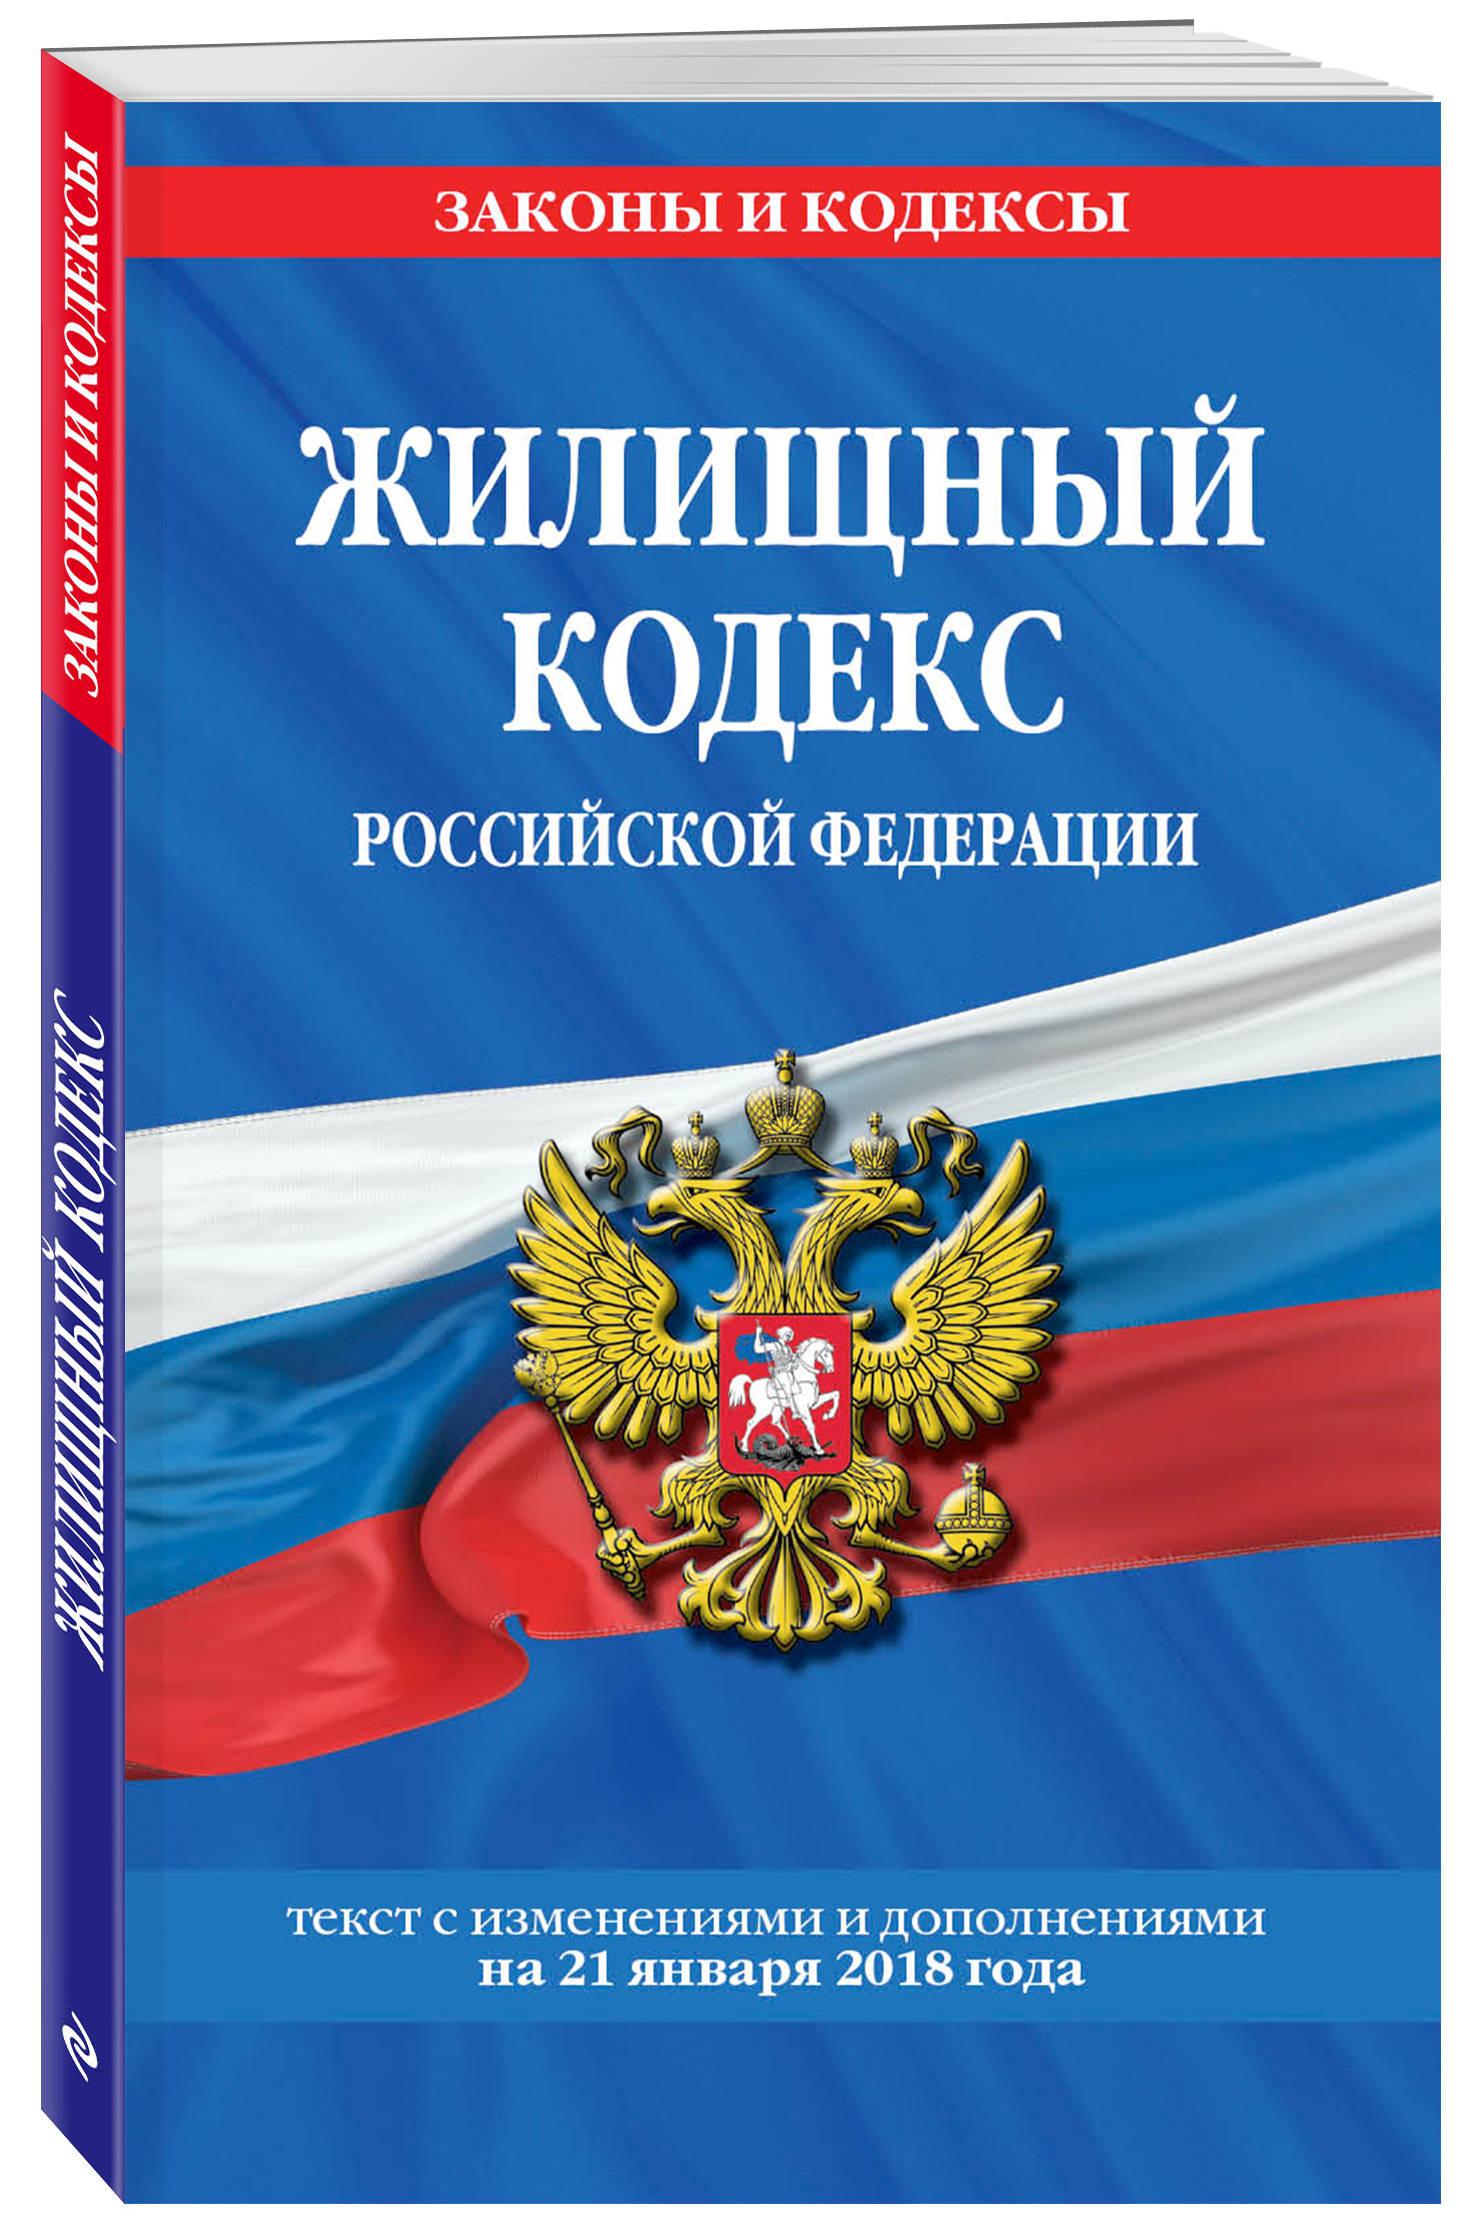 9785040920594 - Жилищный кодекс Российской Федерации: текст с изменениями и дополнениями на 21 января 2018 г. - Книга